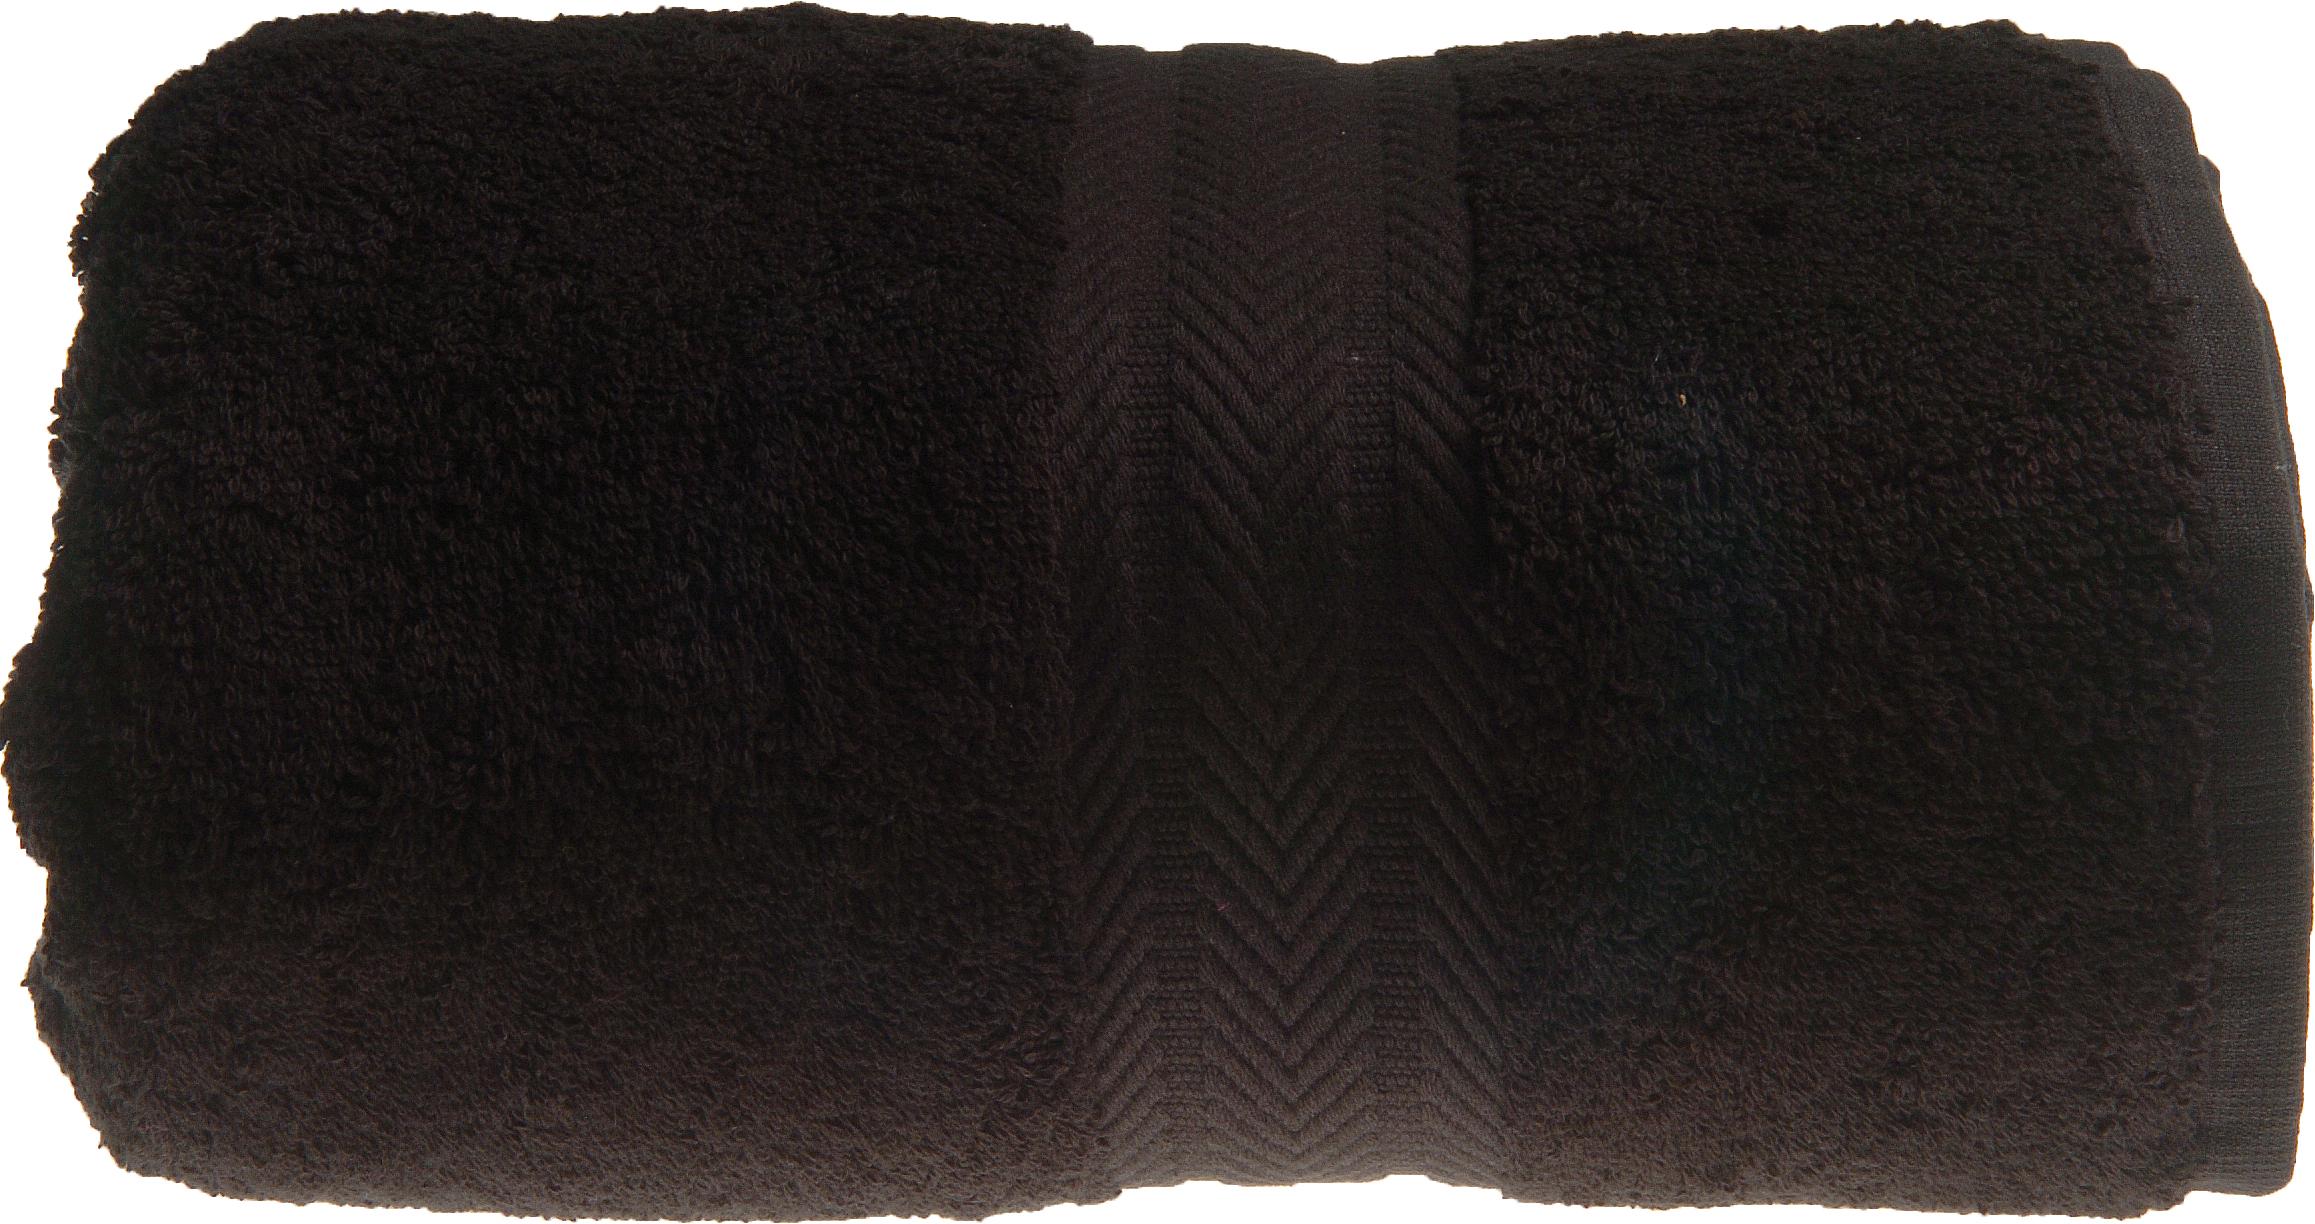 drap de douche 70 x 140 cm en coton couleur noir noir homebain vente en ligne draps de. Black Bedroom Furniture Sets. Home Design Ideas